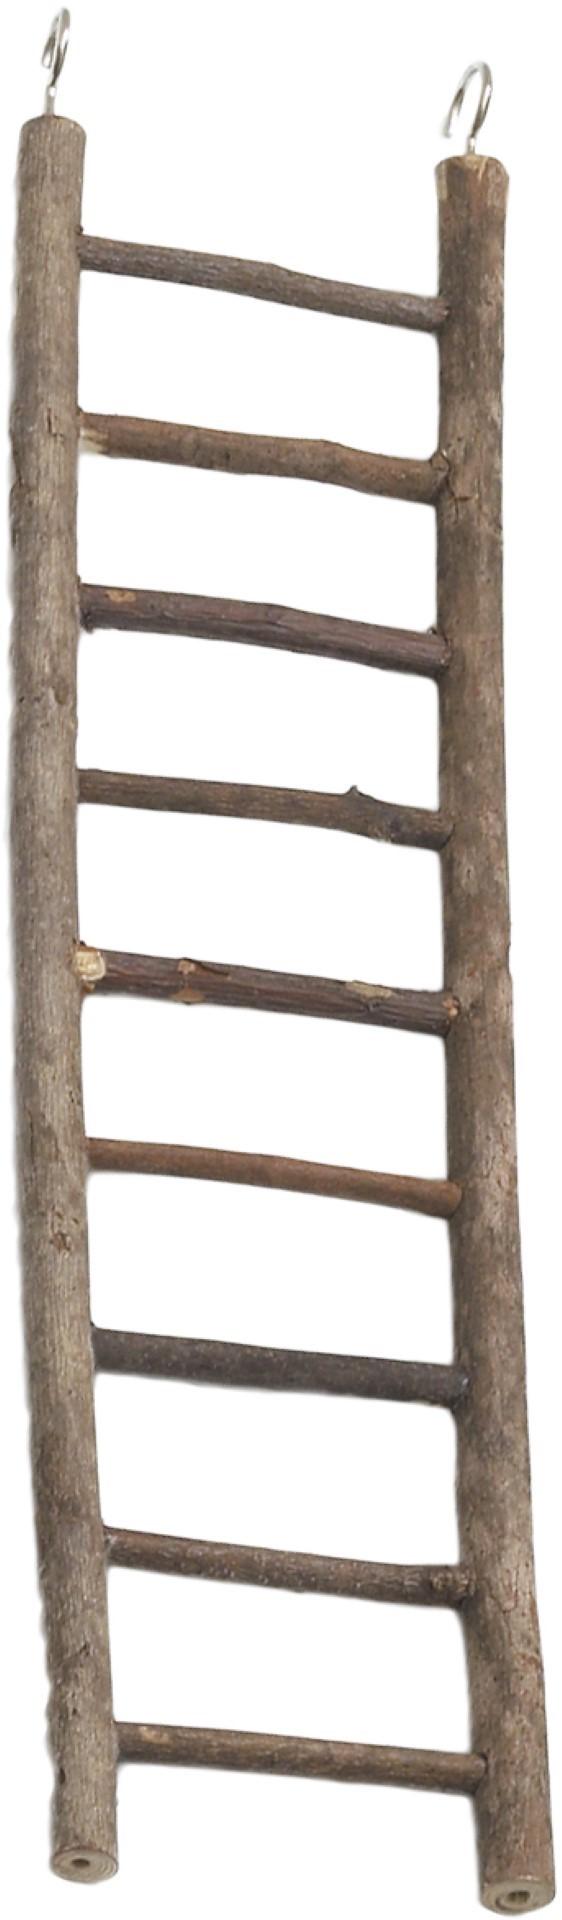 Parkiet ladder scara 9 treden 39 cm Flamingo